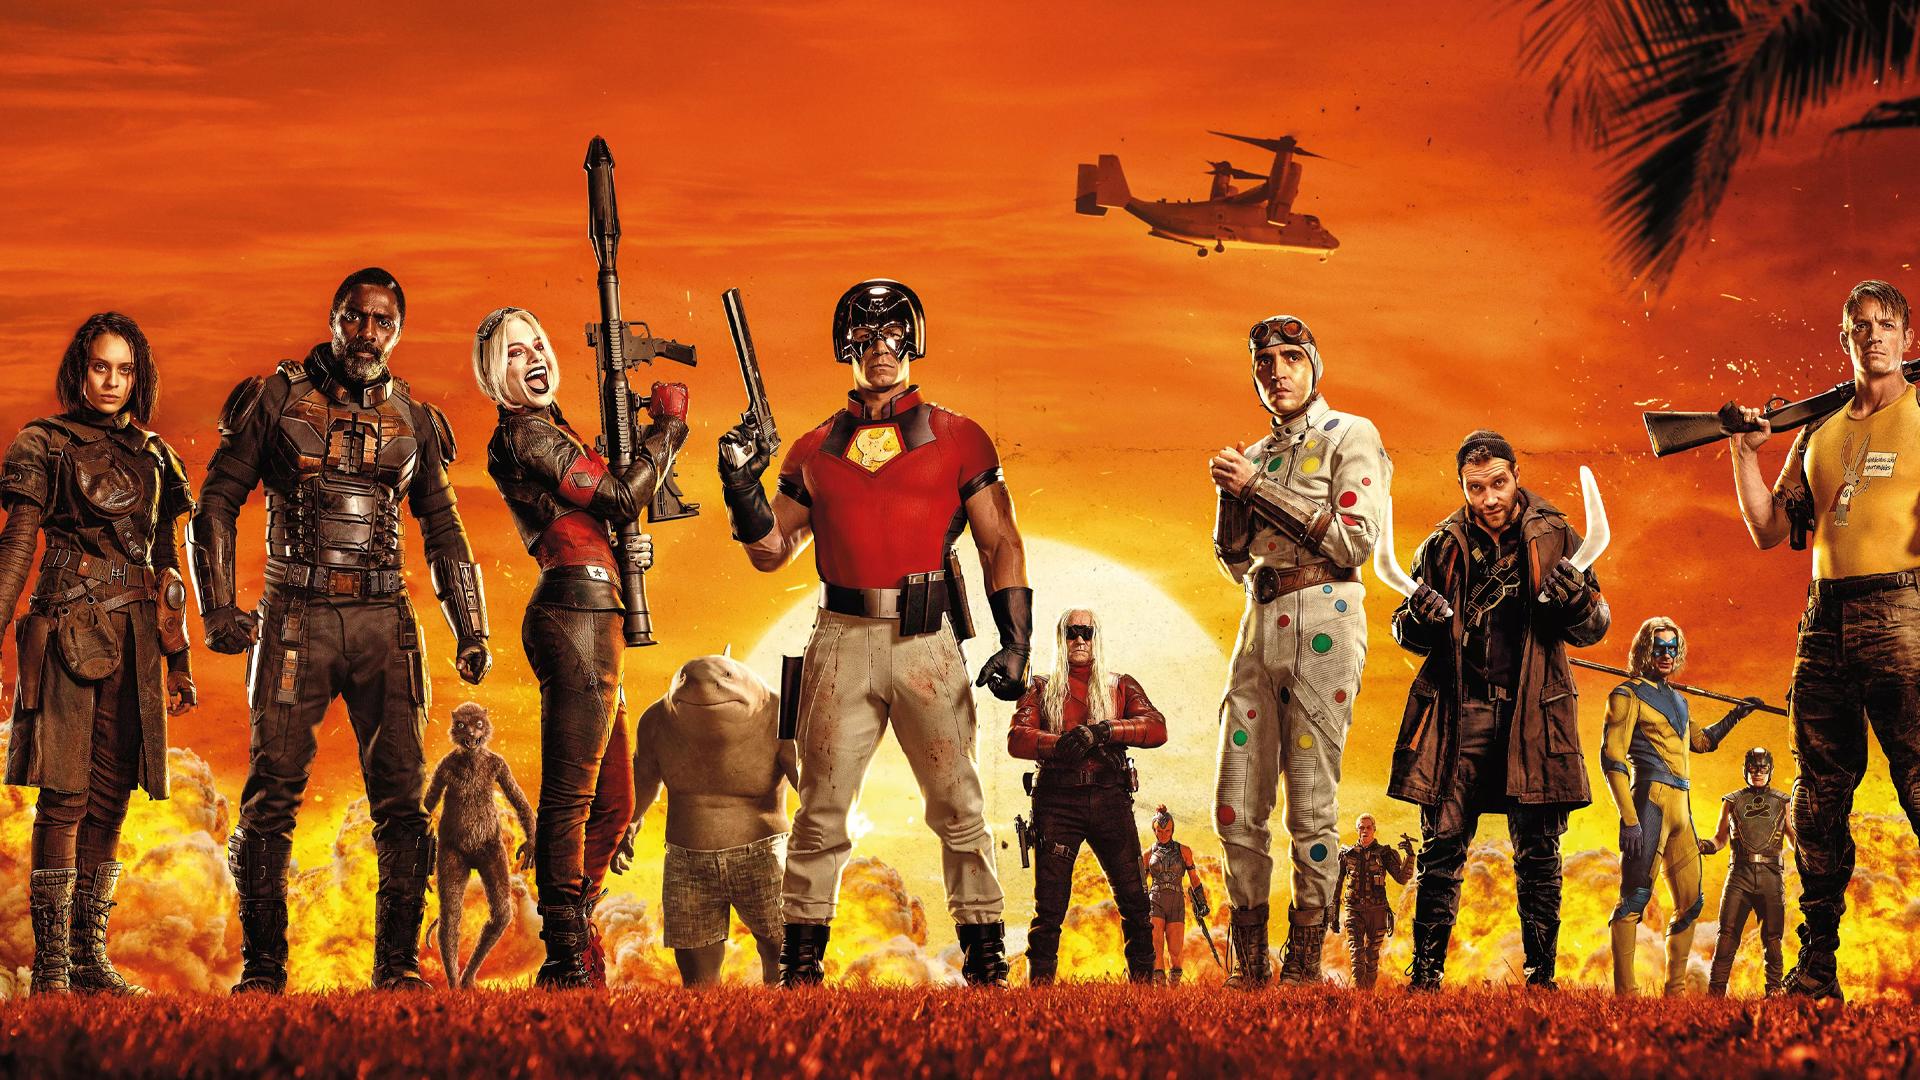 O Esquadrão Suicida; Esquadrão Suicida; James Gunn